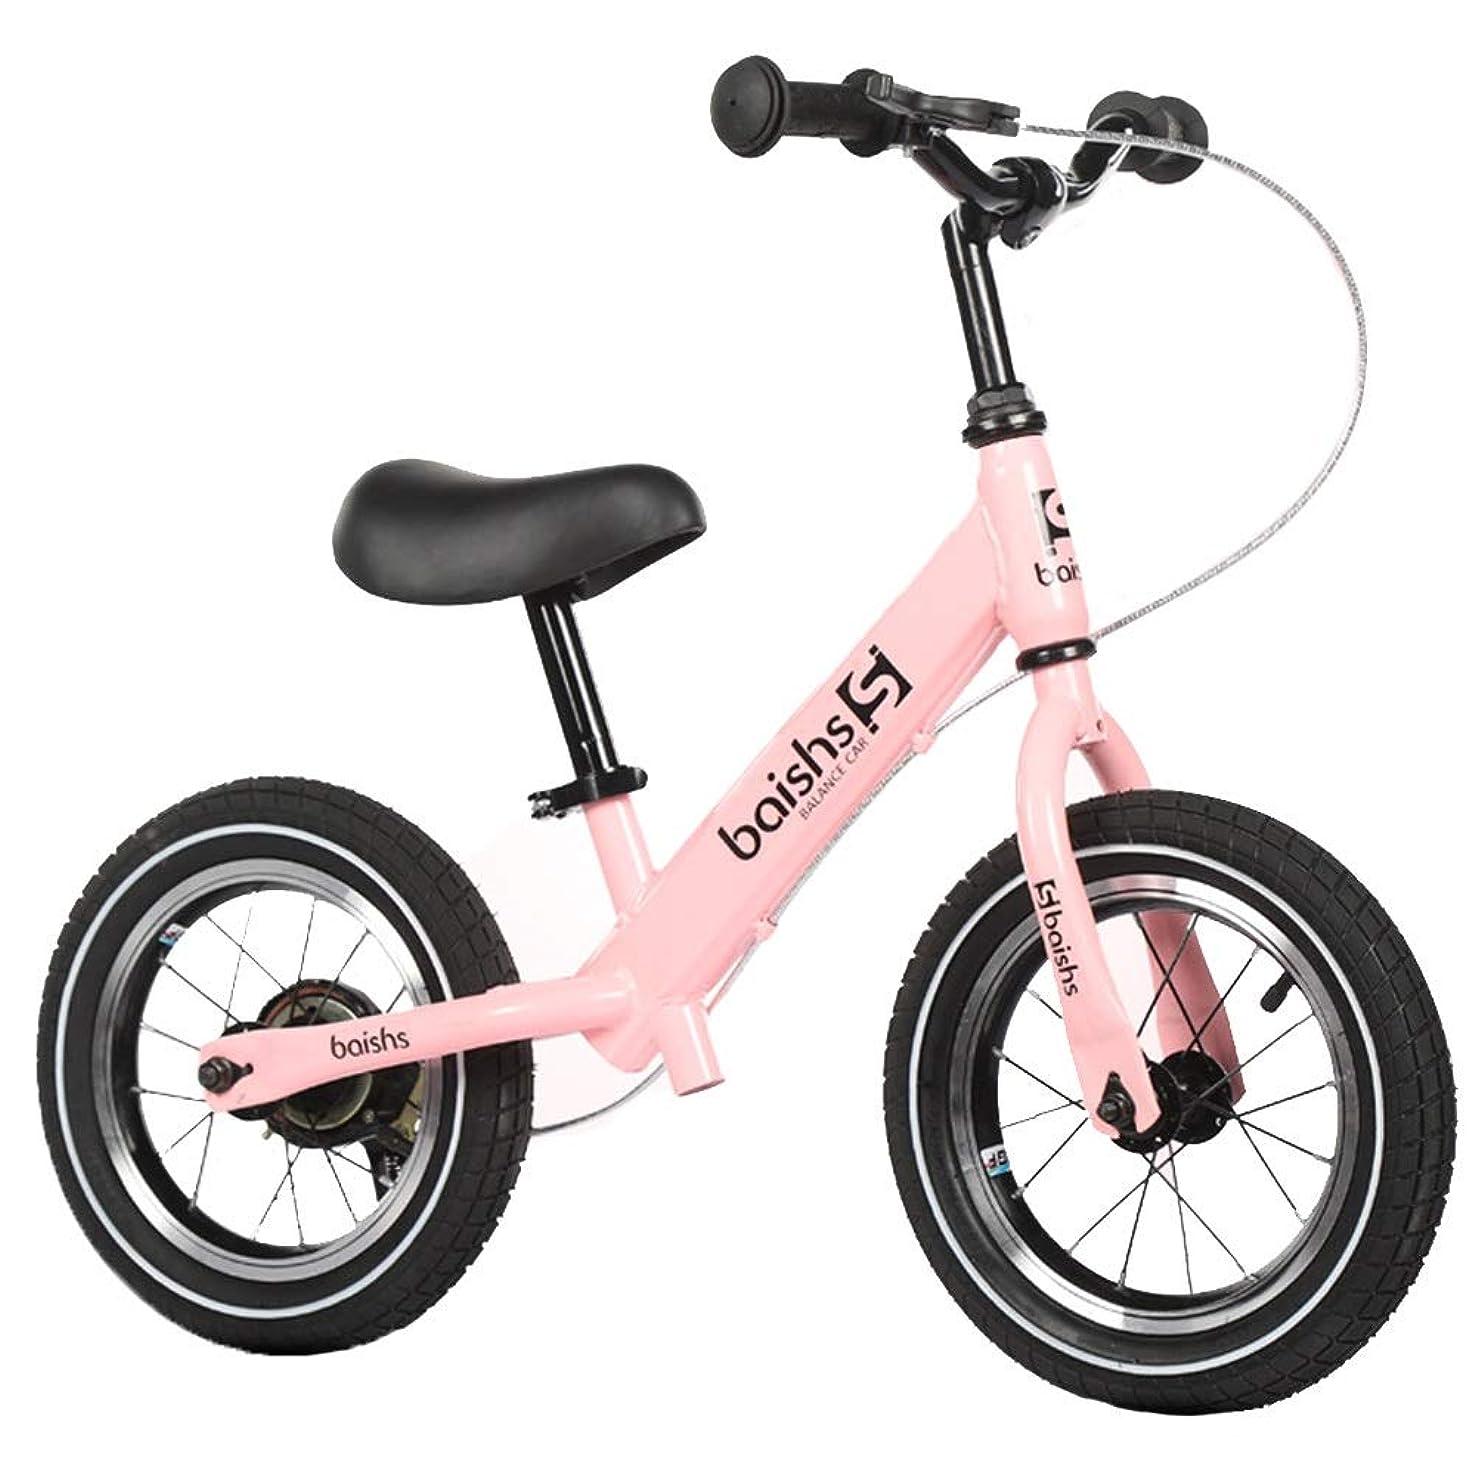 地域劣る言語バランスバイク 手動ブレーキ付きキッズバランスバイク - 2、3、4、5、6歳用キッズ自転車、軽量空気入りタイヤ (Color : Pink)